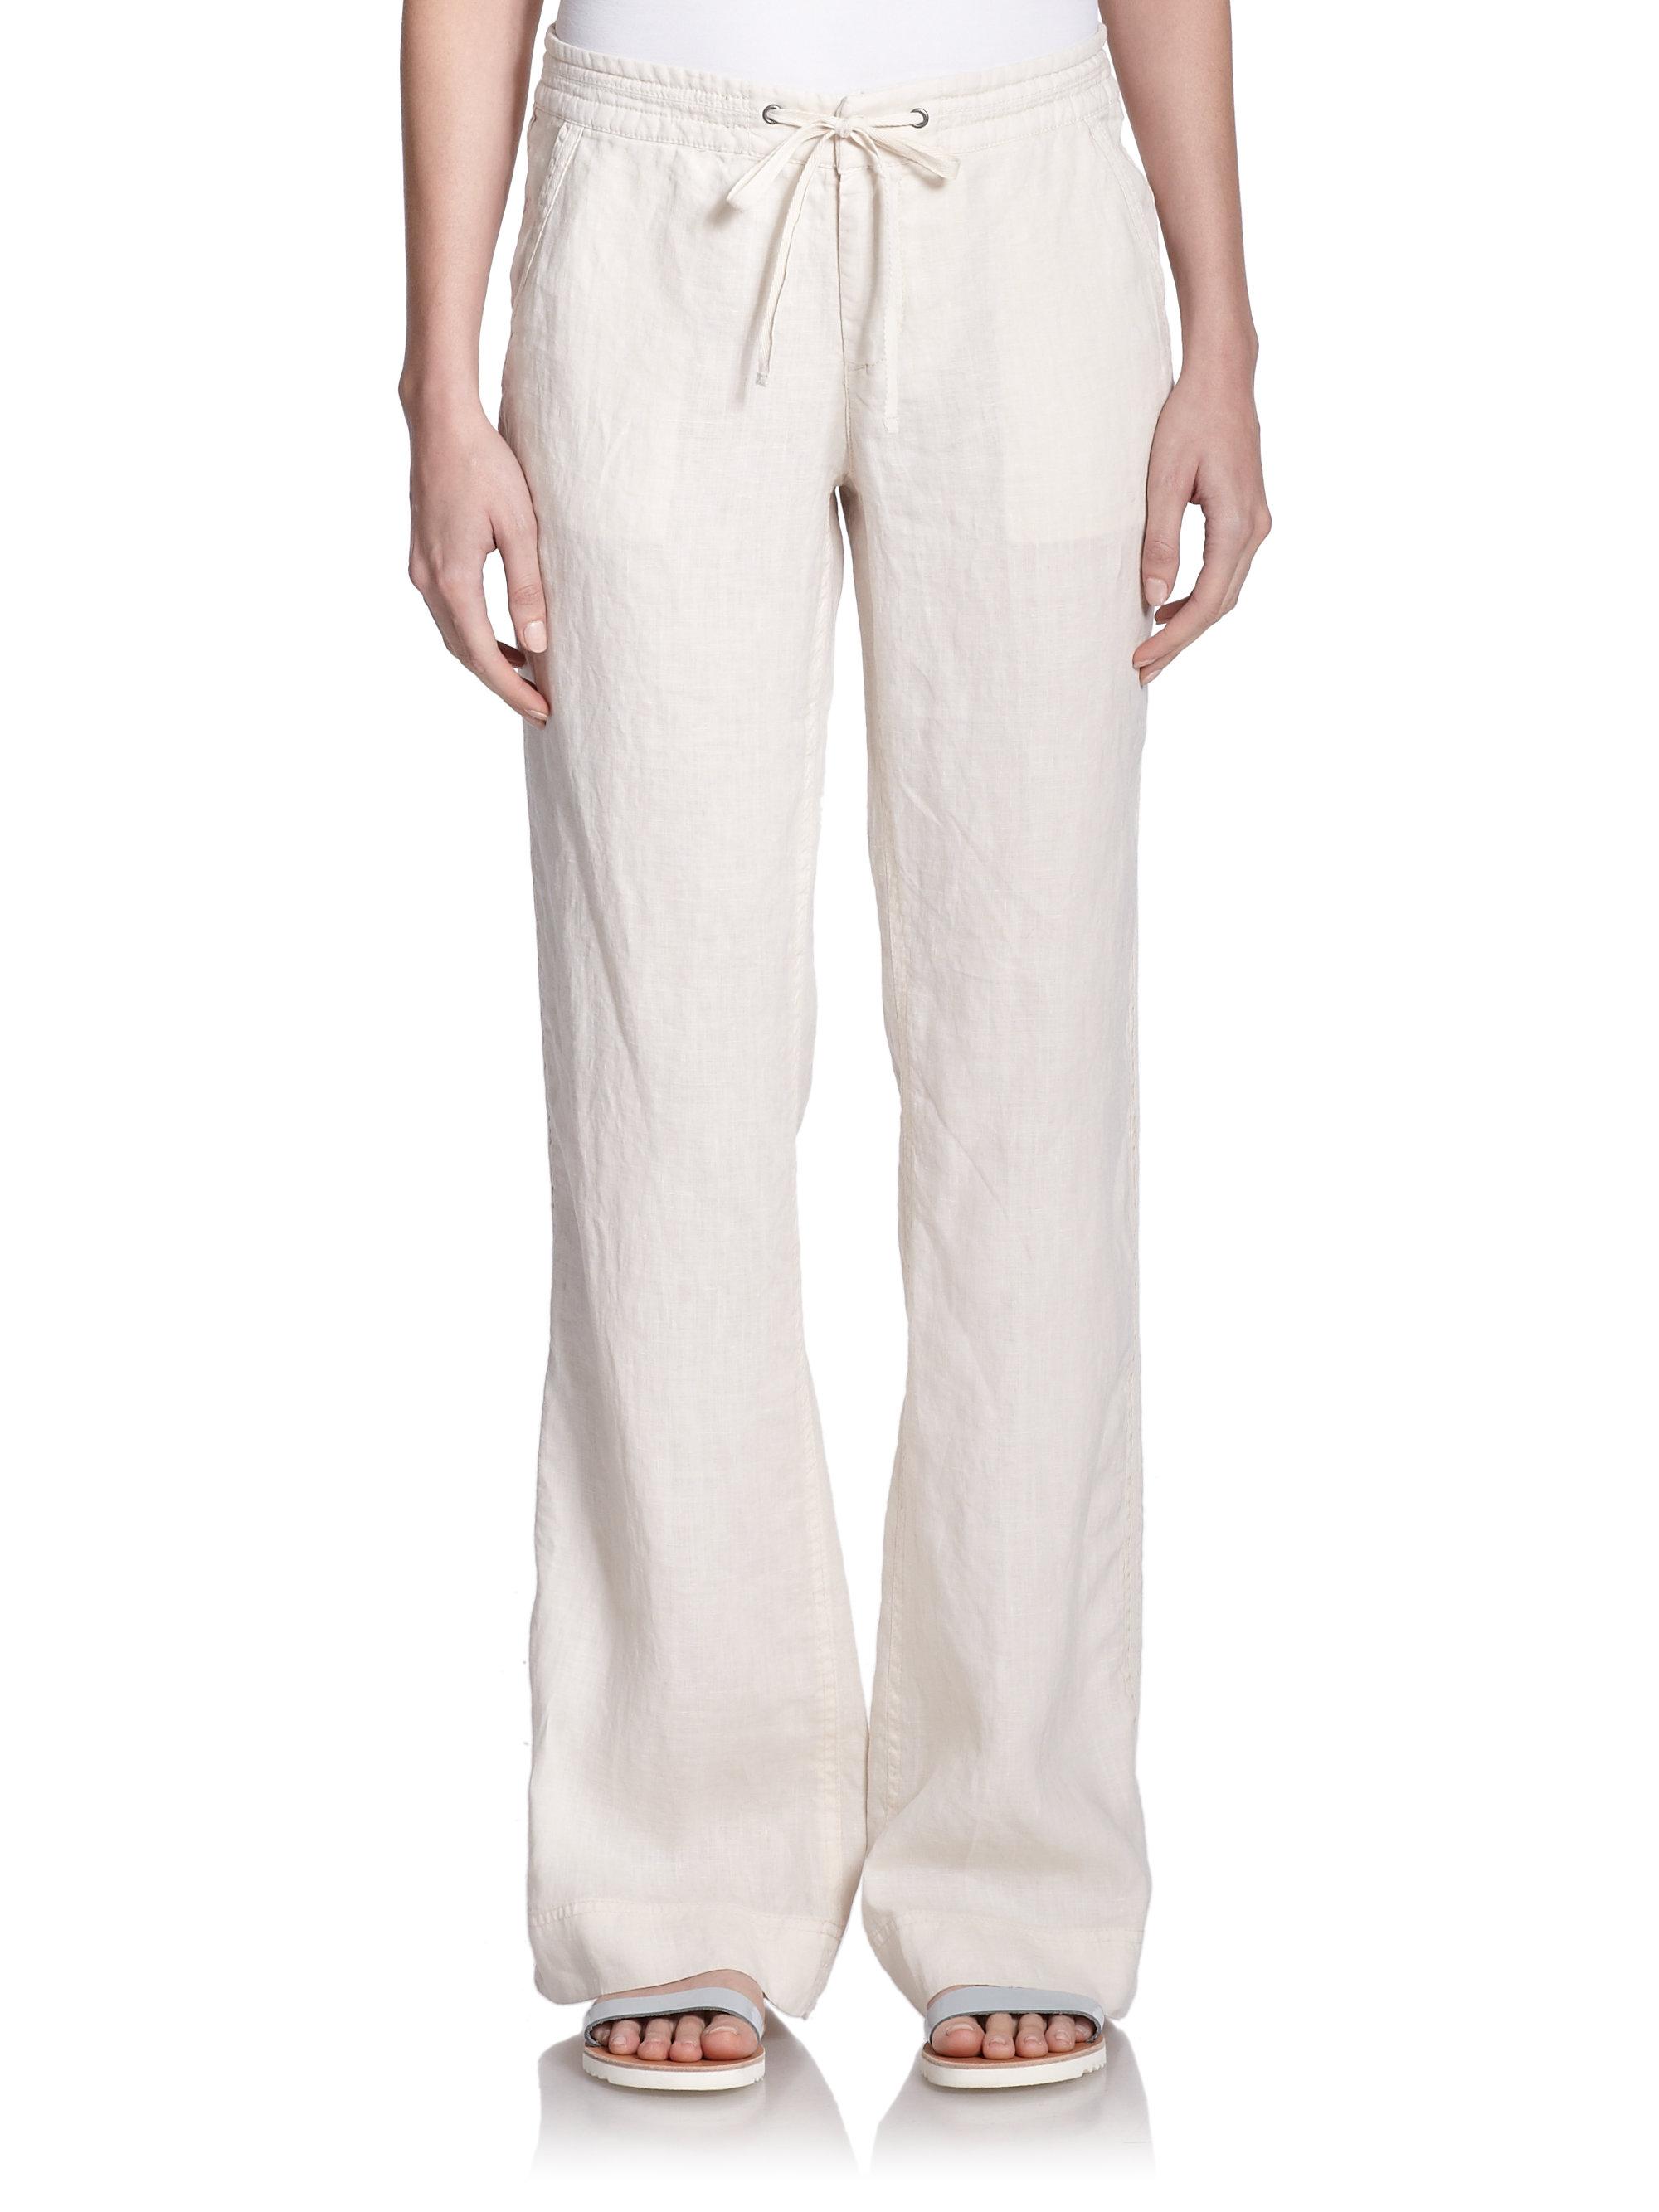 joie wide leg linen pants - Pi Pants